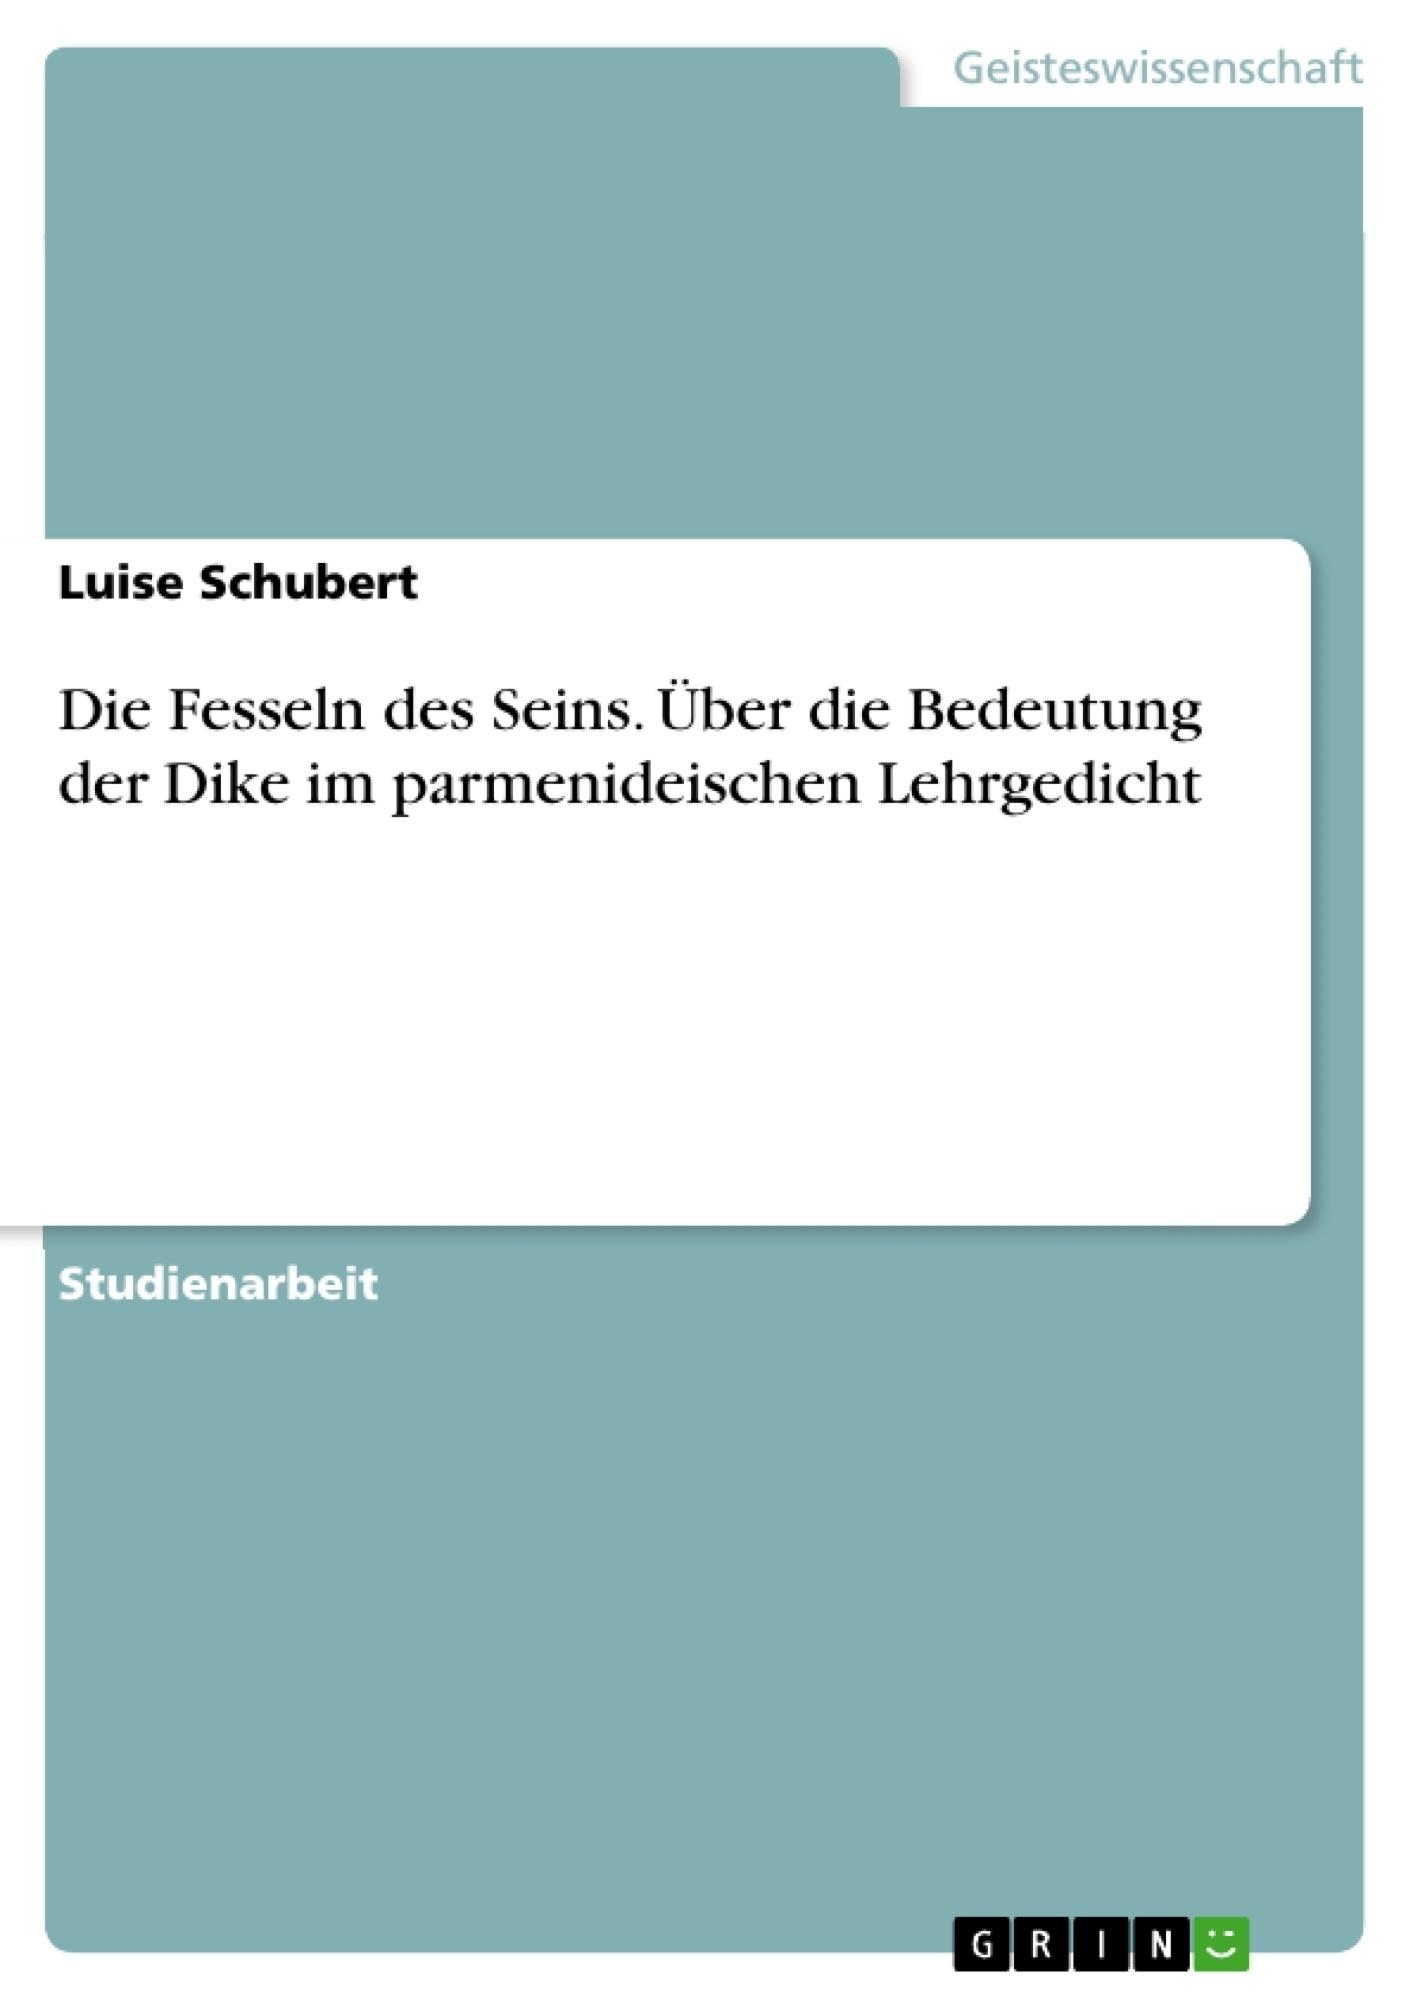 Titel: Die Fesseln des Seins. Über die Bedeutung der Dike im parmenideischen Lehrgedicht